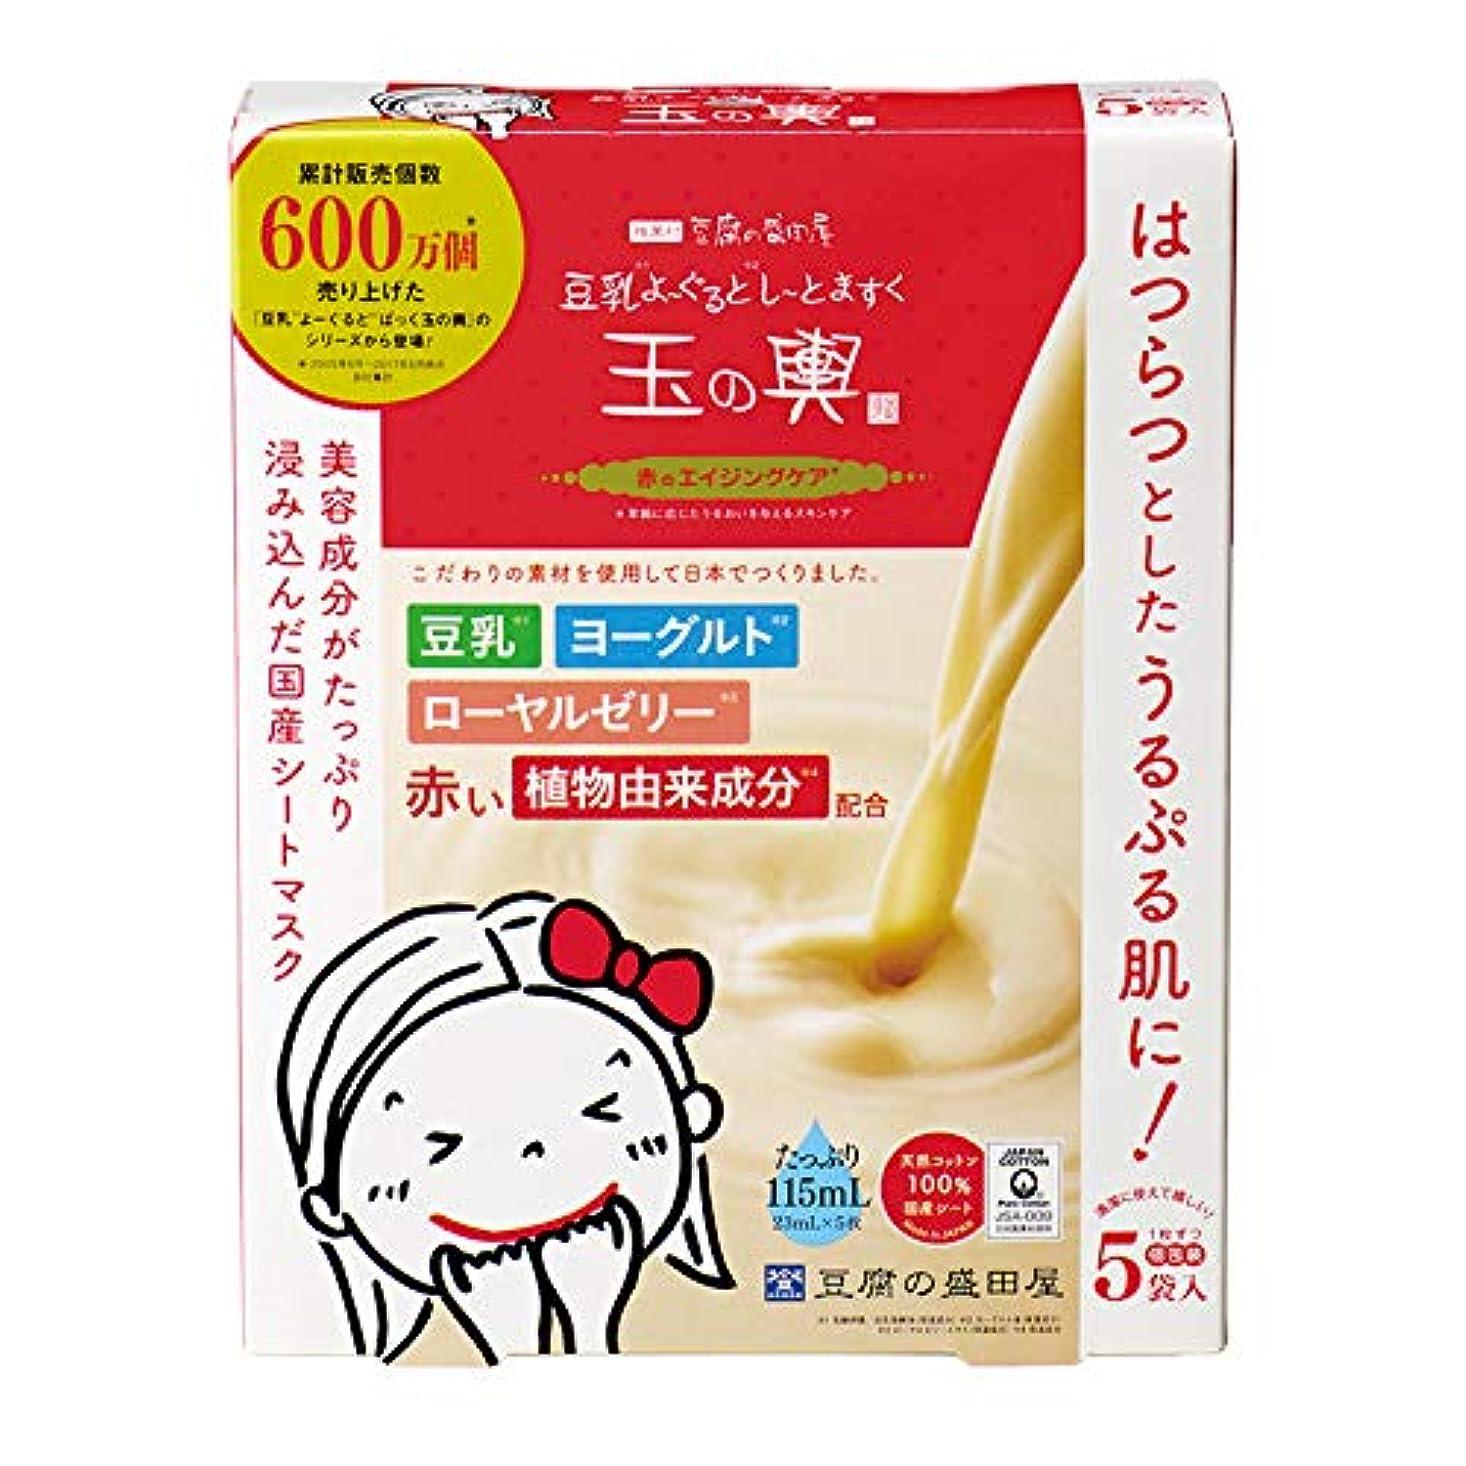 ヒゲおとうさん否定する豆腐の盛田屋 豆乳よーぐるとしーとますく 玉の輿〈赤のエイジングケア〉23mL×5枚